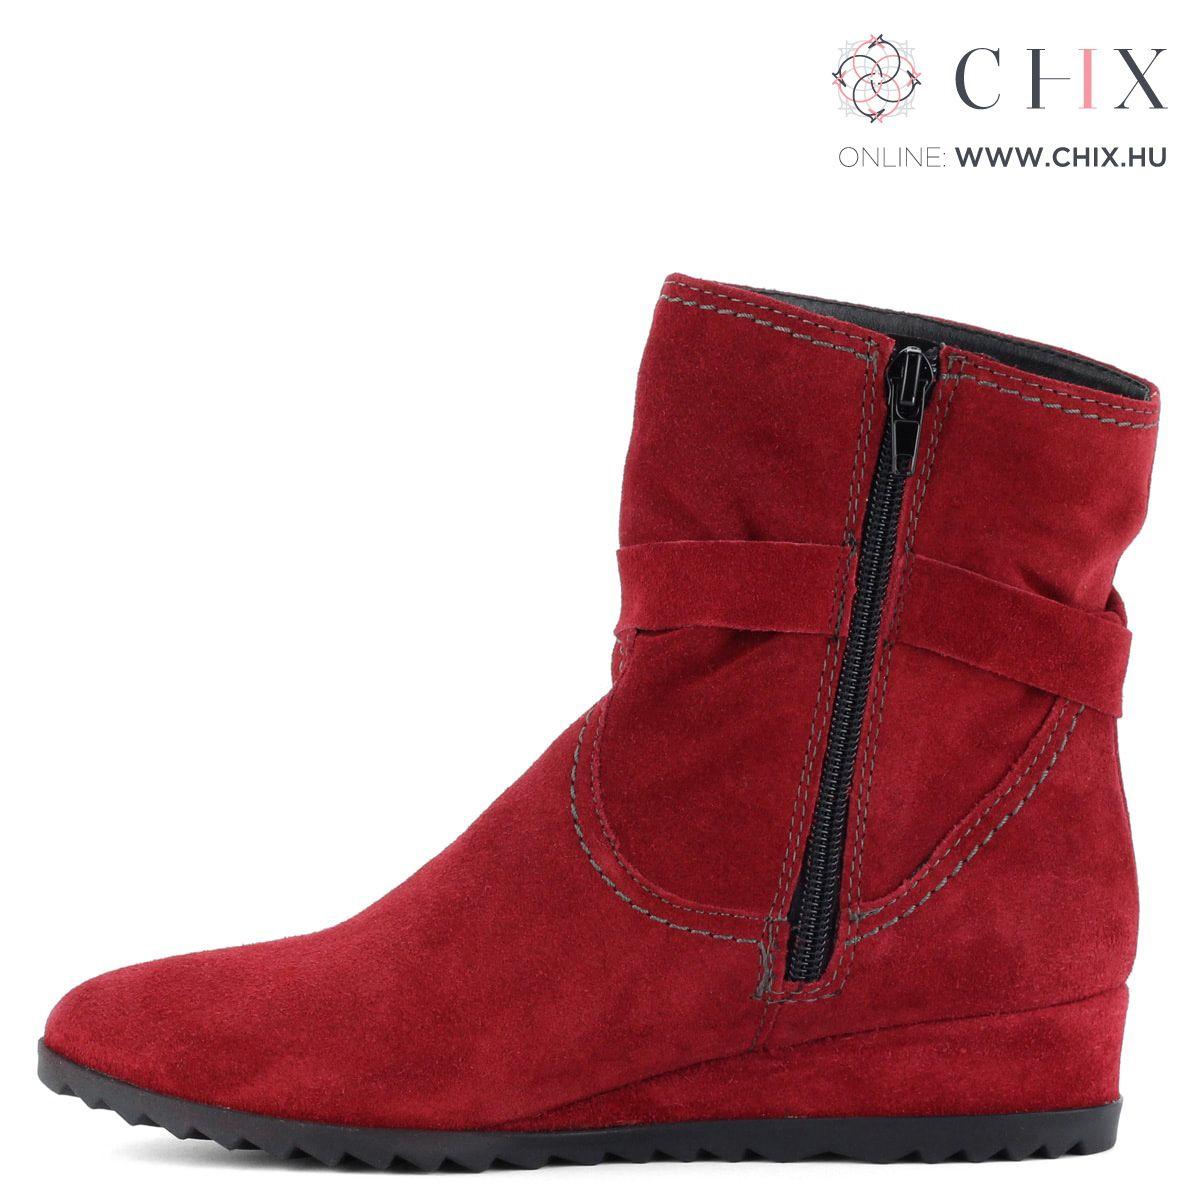 c76ce65c6b Piros bélelt Tamaris bokacsizma bőrből. Recés gumi talppal és 3,5 cm magas  sarokkal